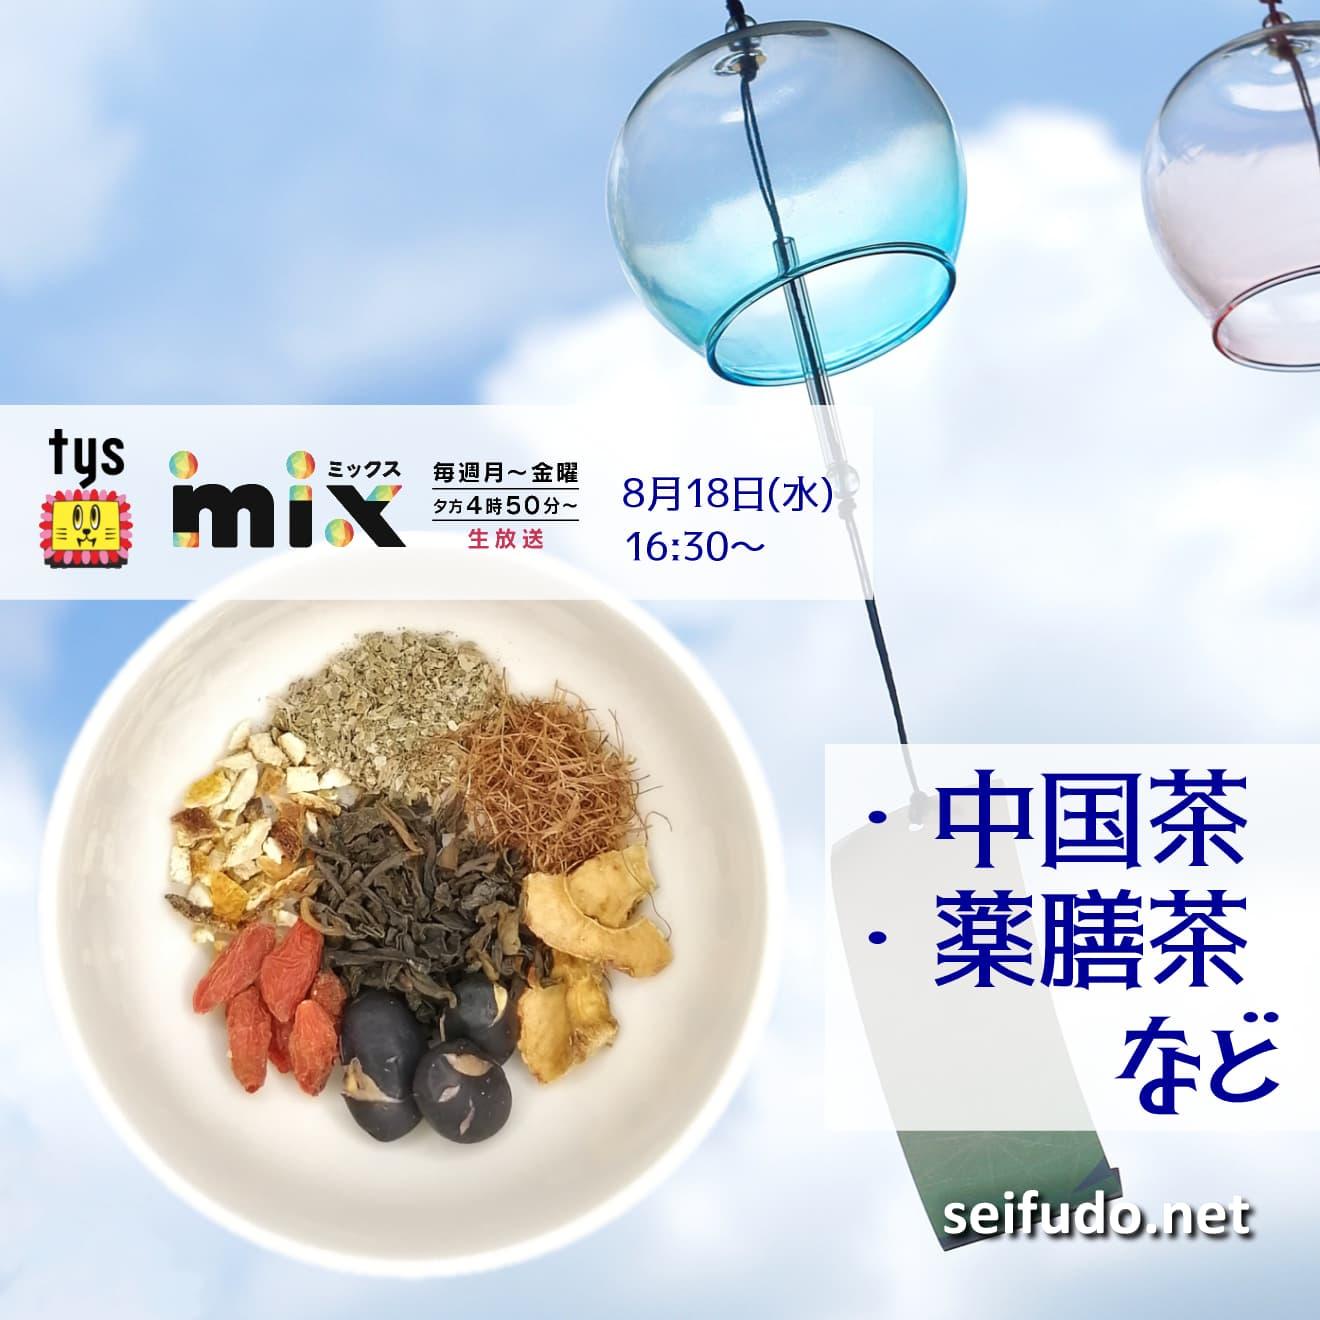 8/18(水) 薬膳茶テレビ放送